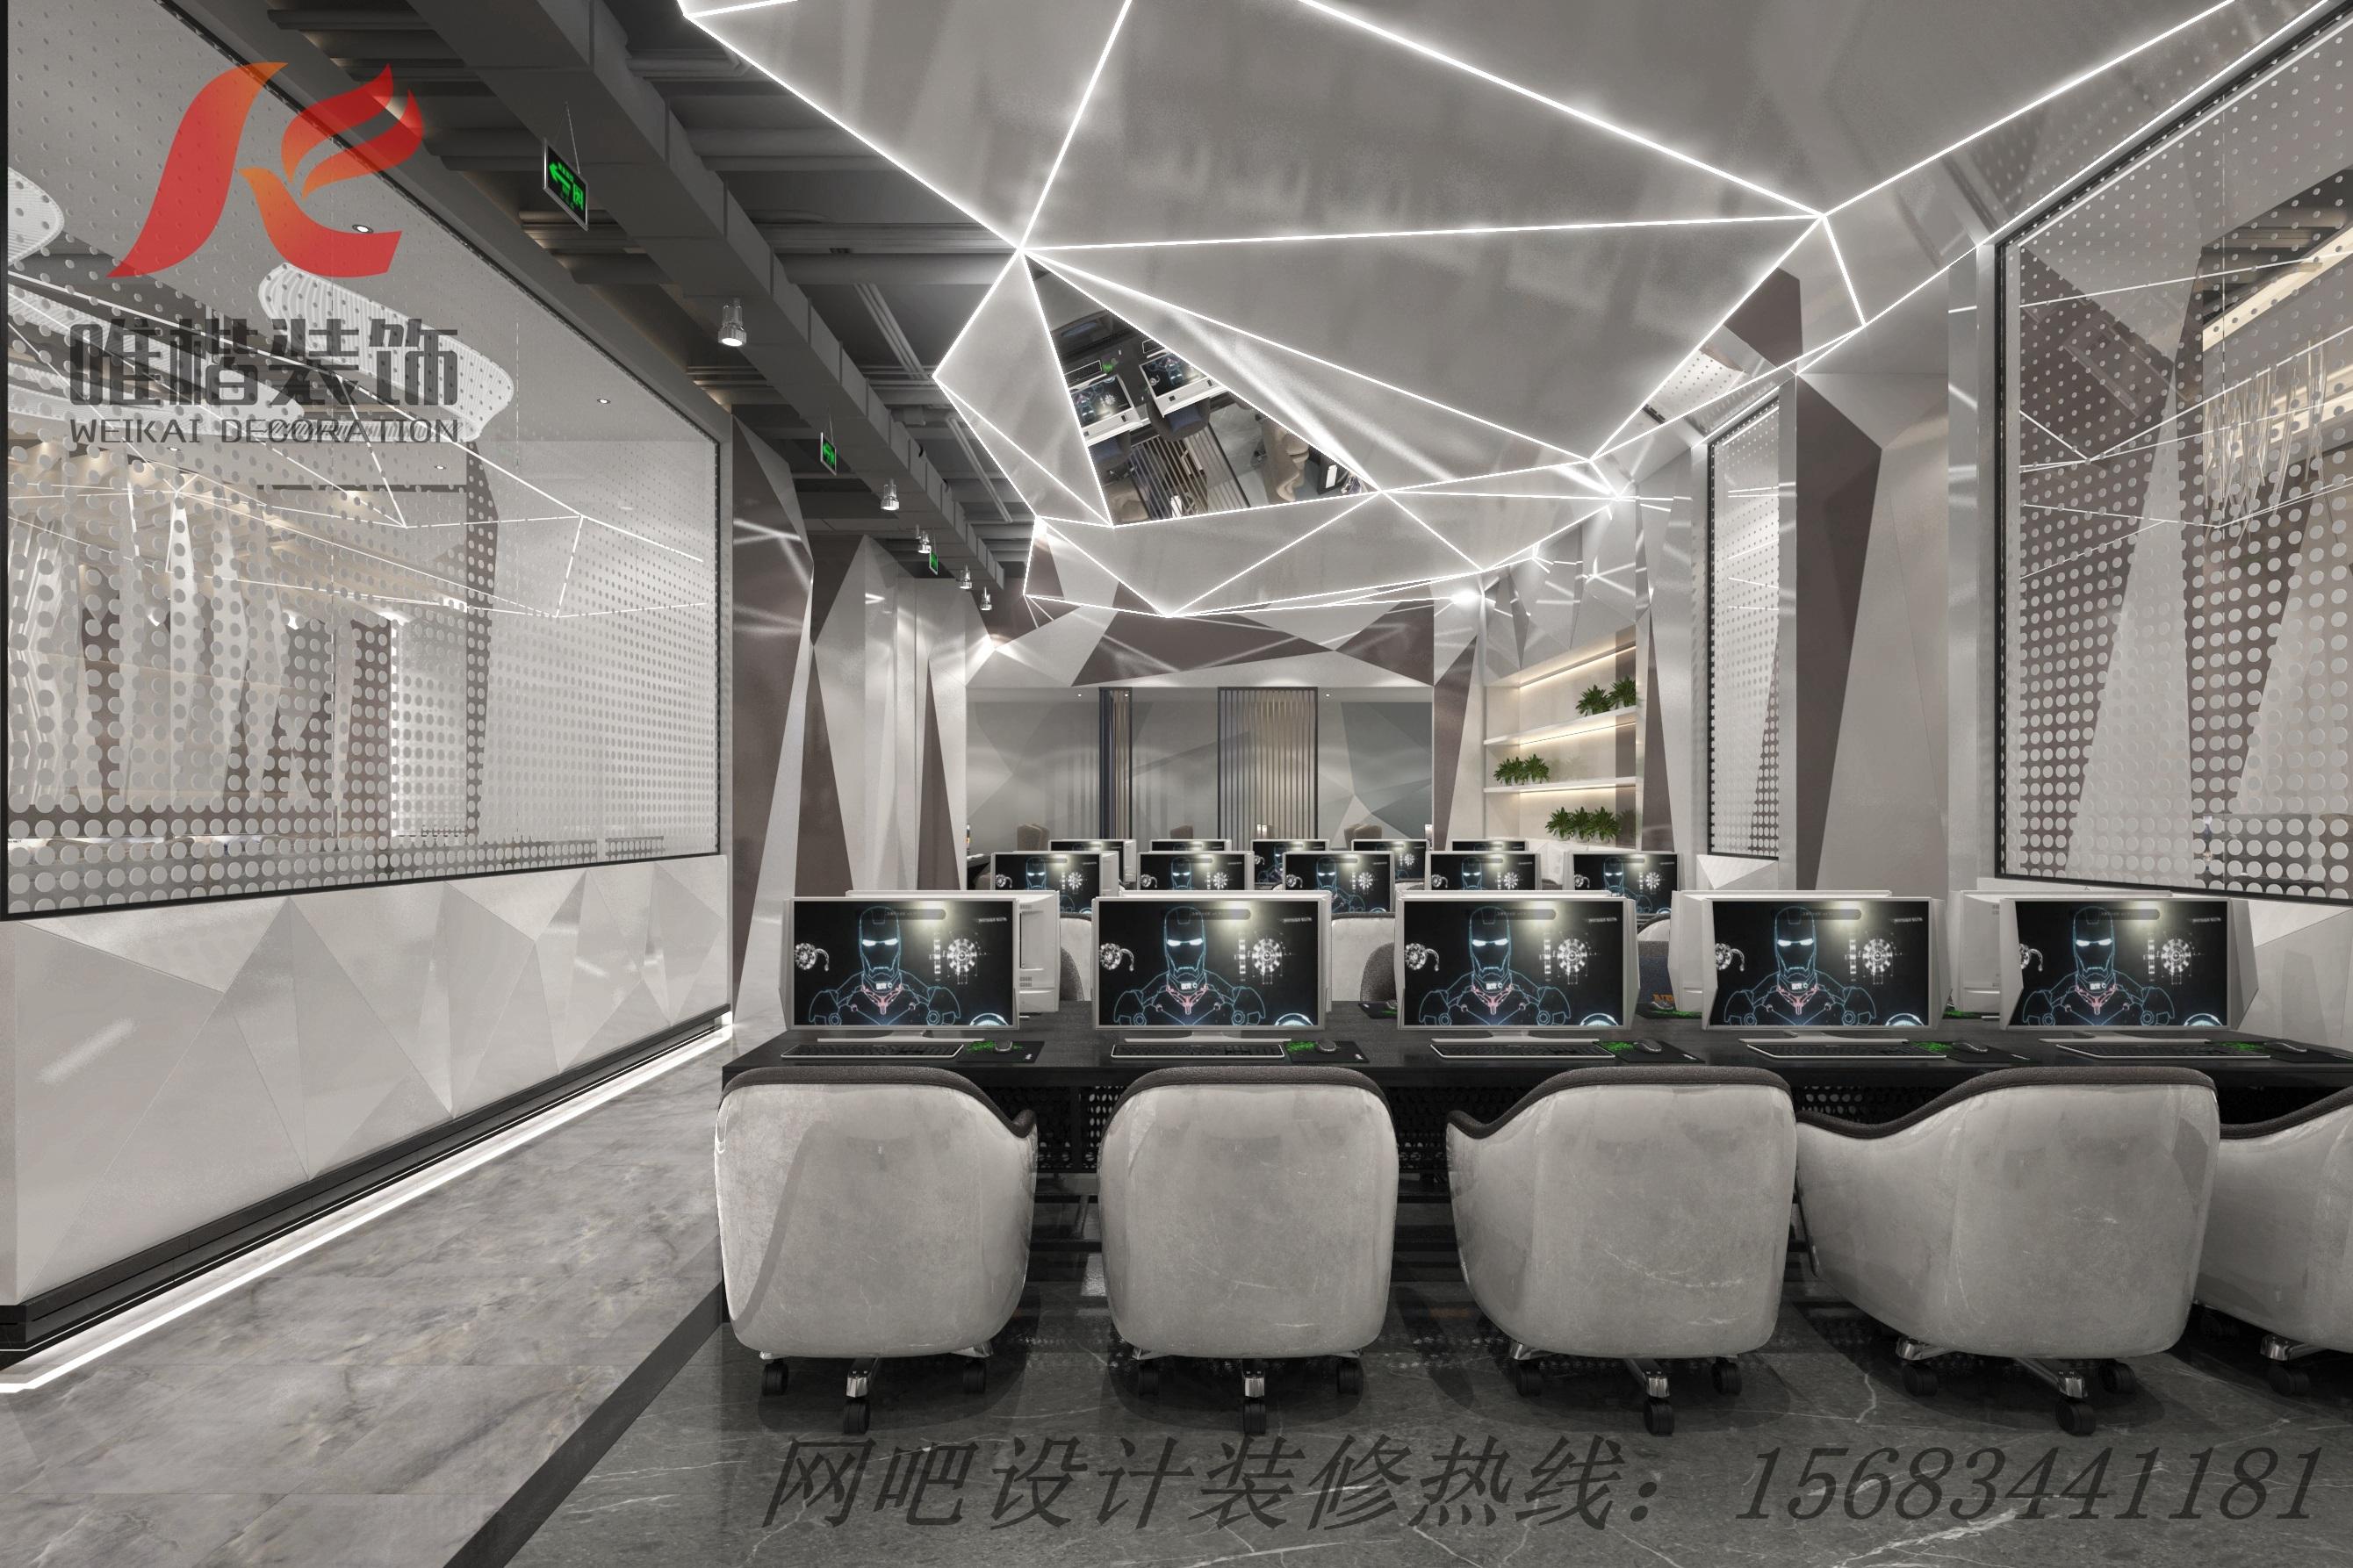 重庆网吧50台机子需要多大面积?50台网吧利润分析